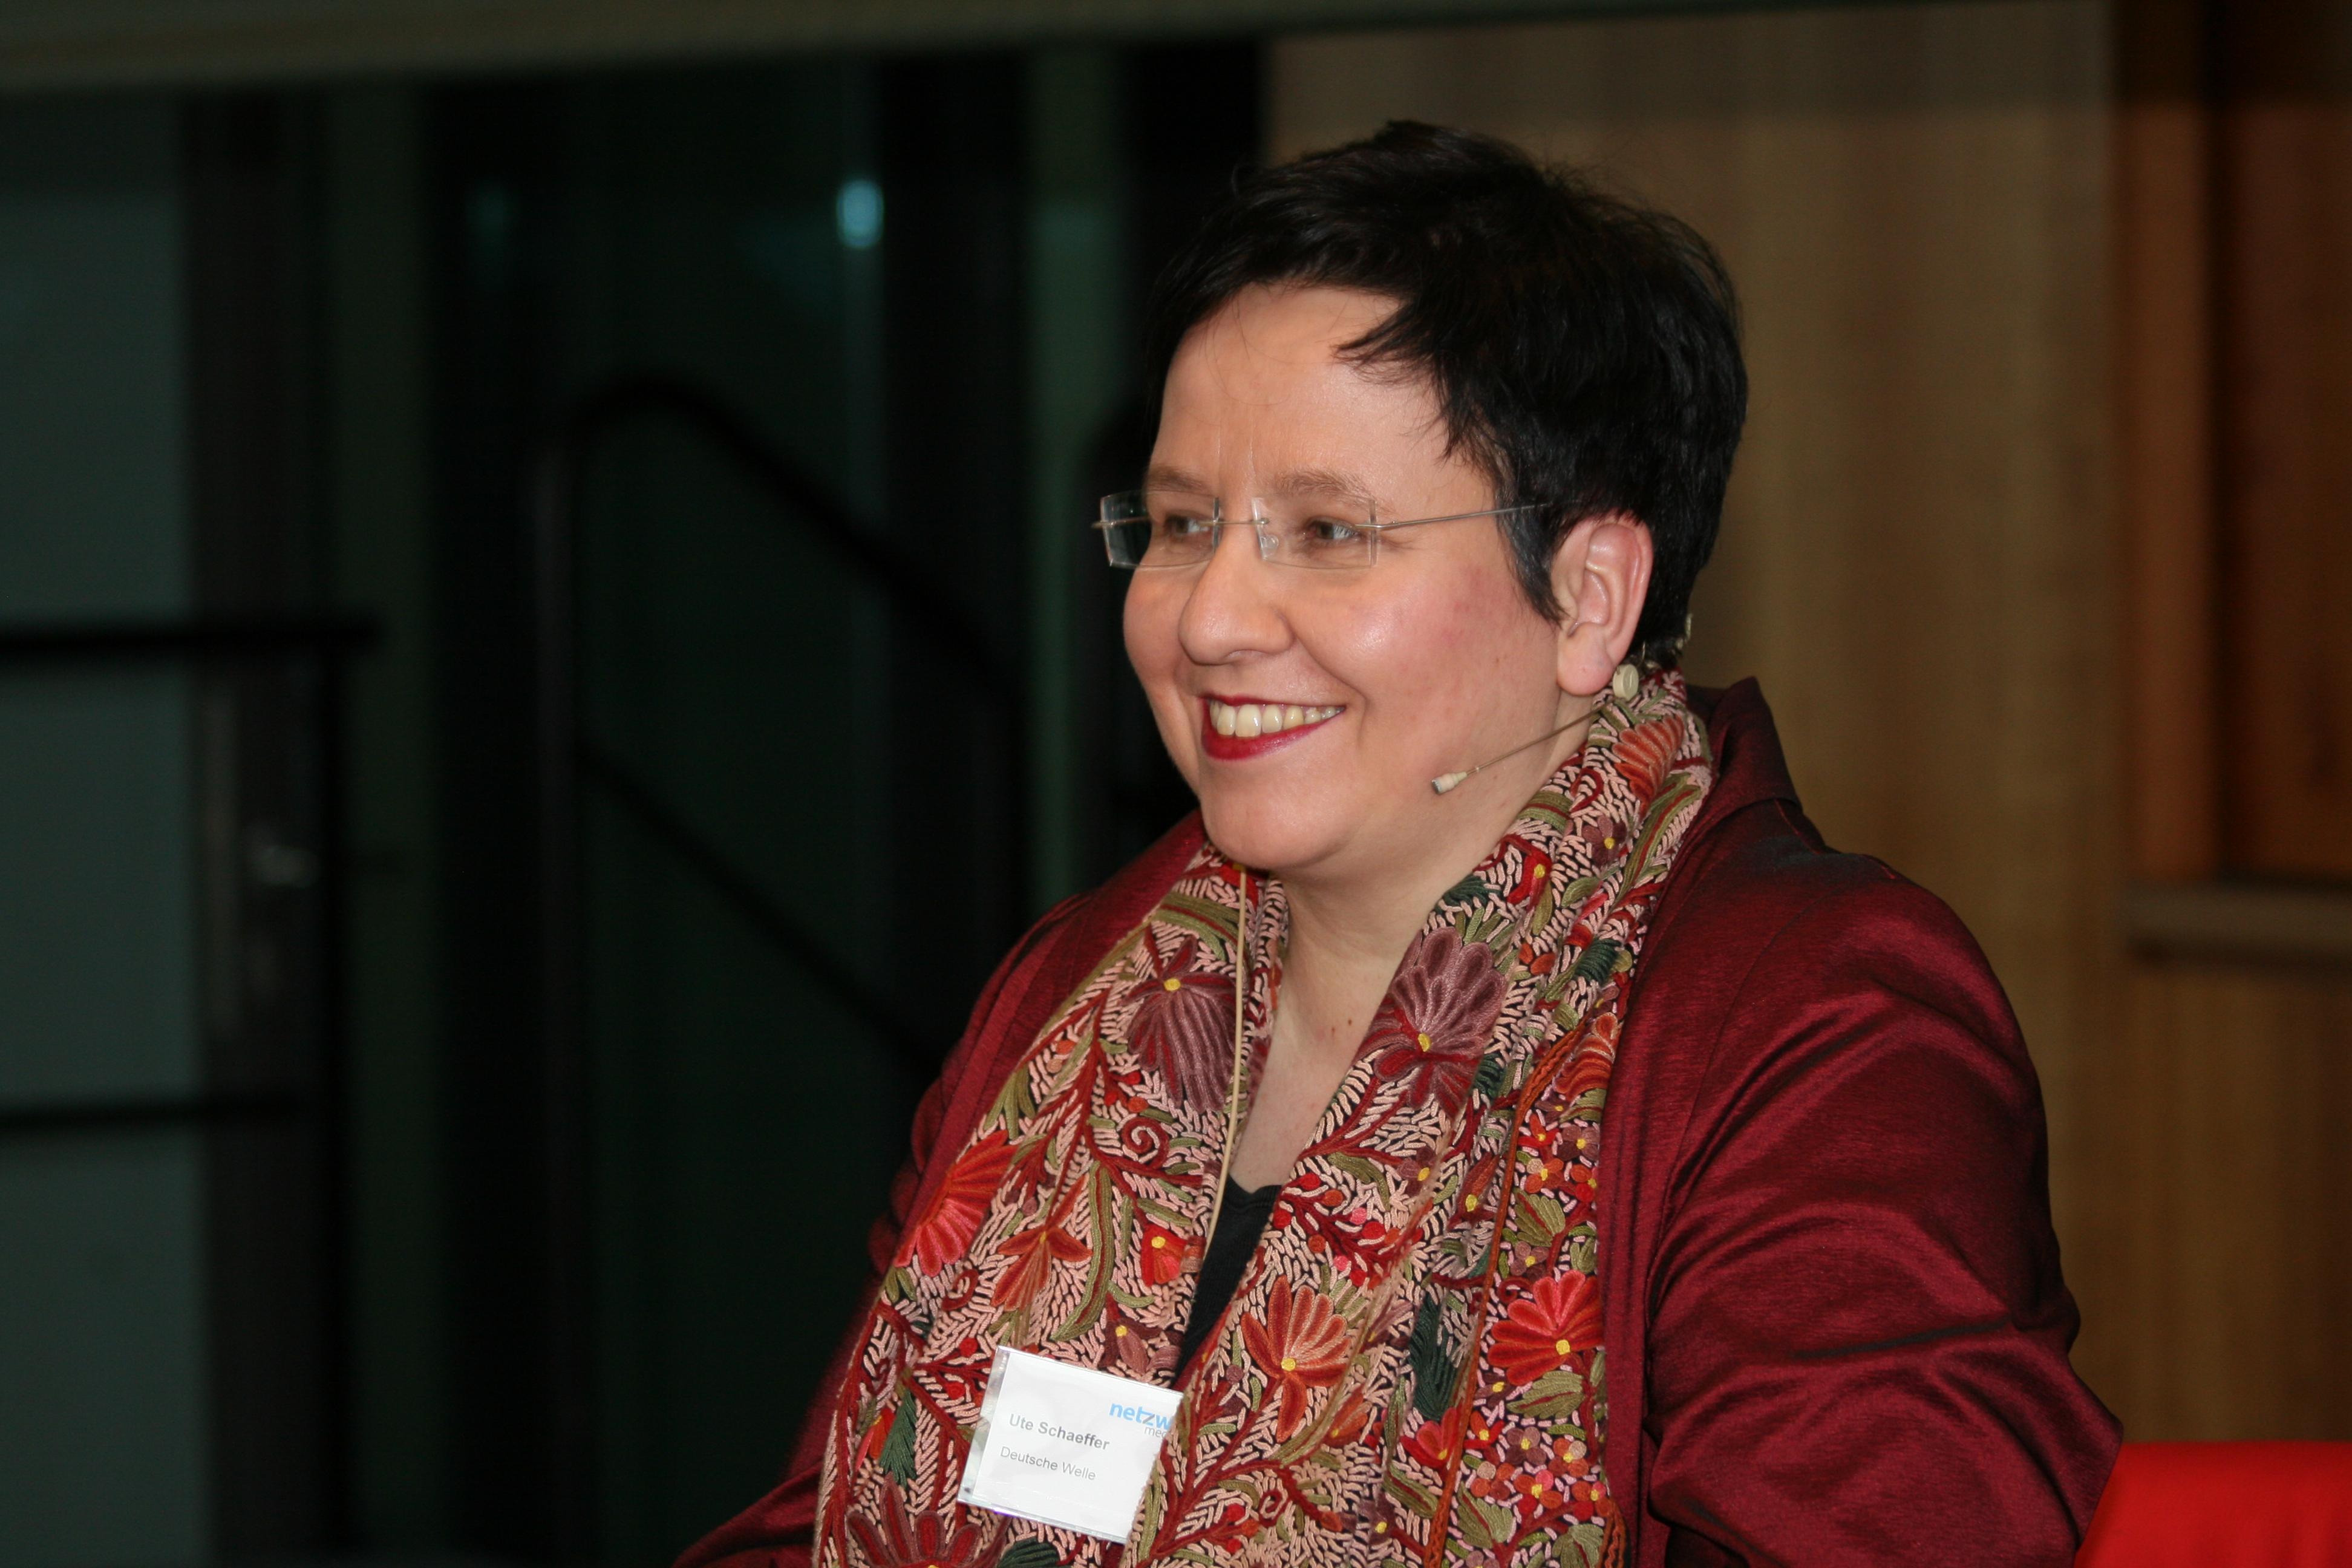 Ute Schaeffer auf dem Crossmedia-Tag des netzwerk medien-trainer